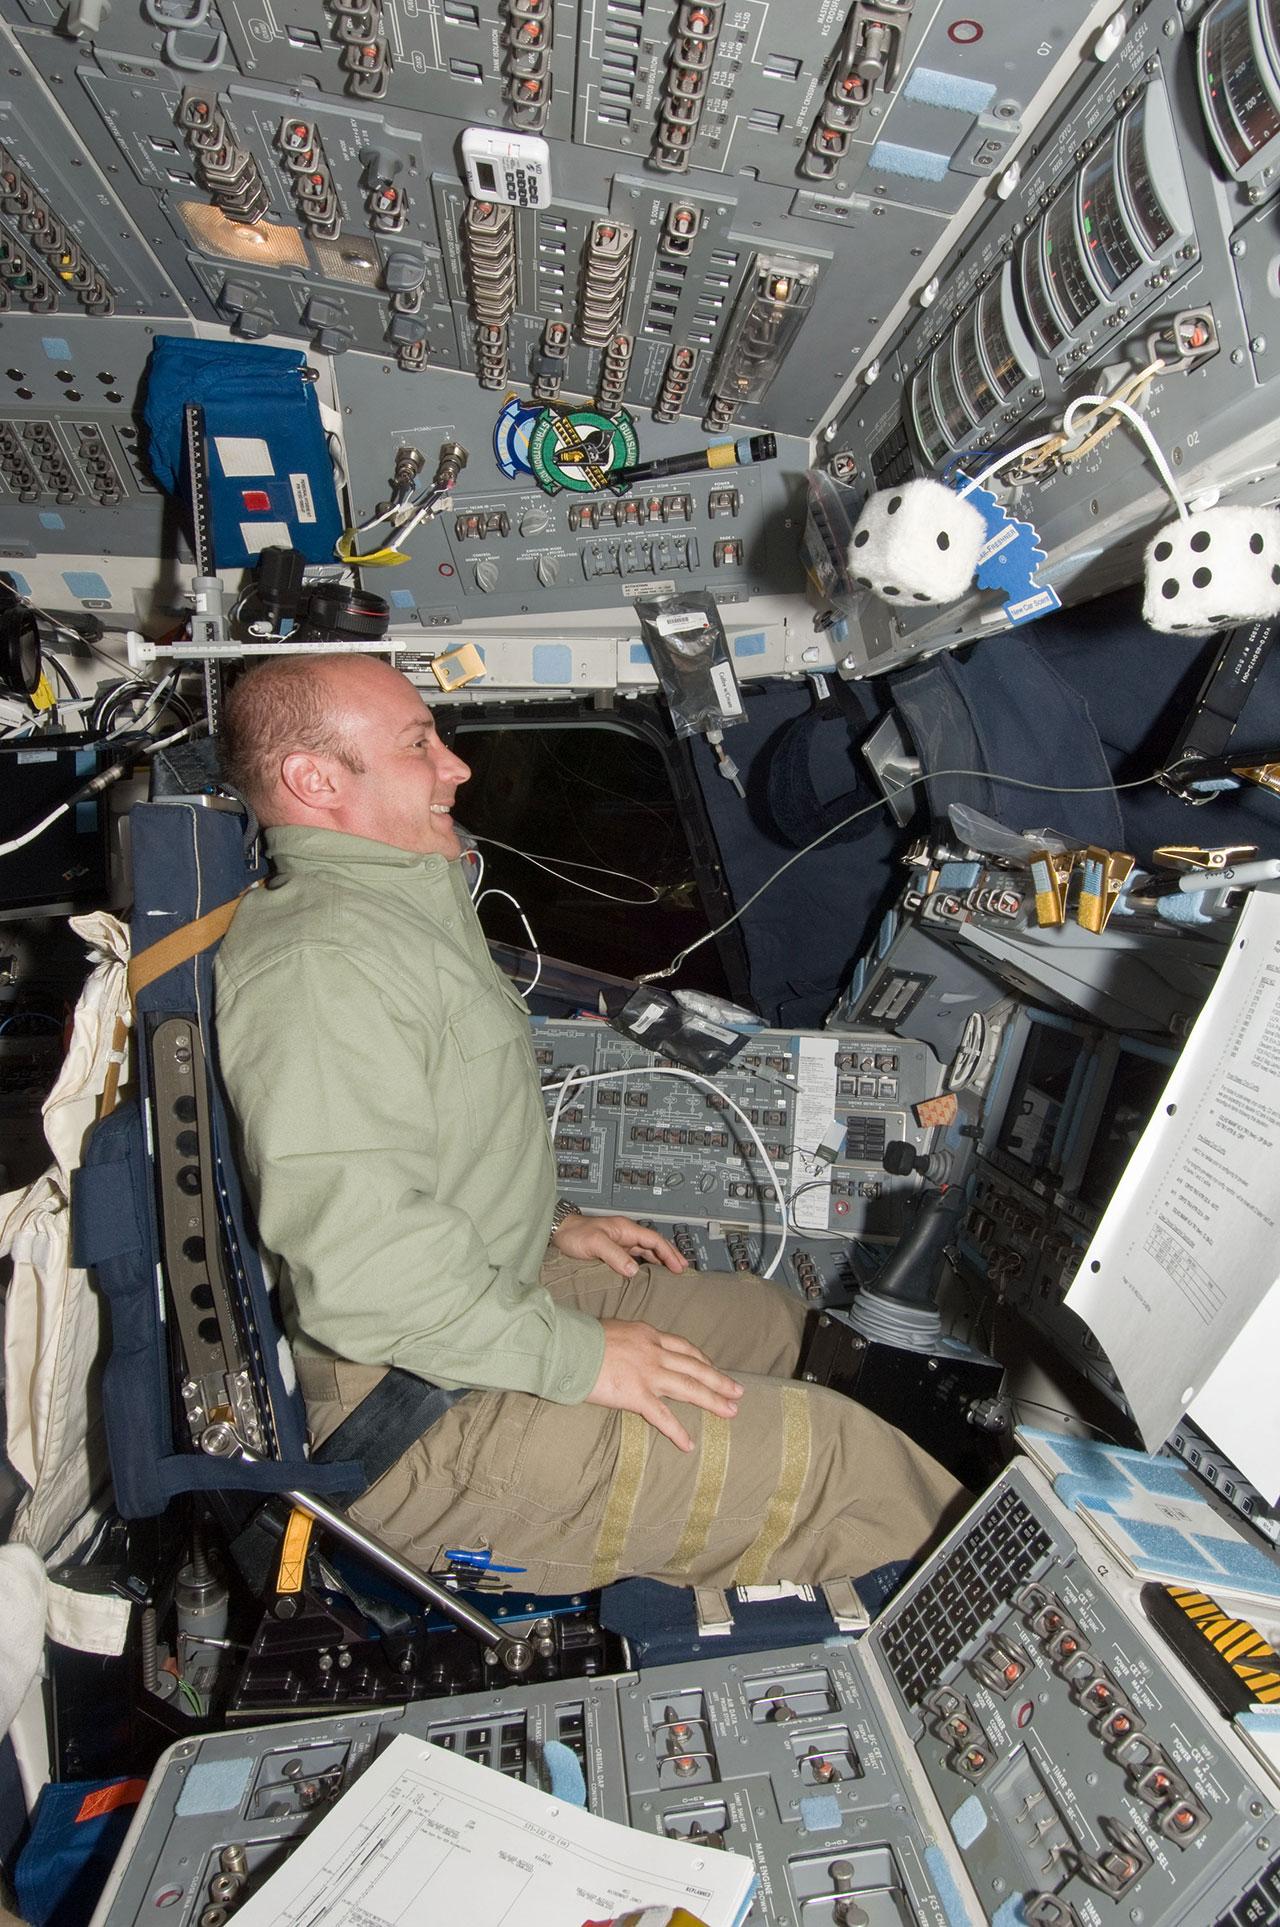 L'astronaute de la NASA Garrett Reisman, spécialiste de la mission STS-132, dans le siège du commandant de la navette spatiale Atlantis en 2010.